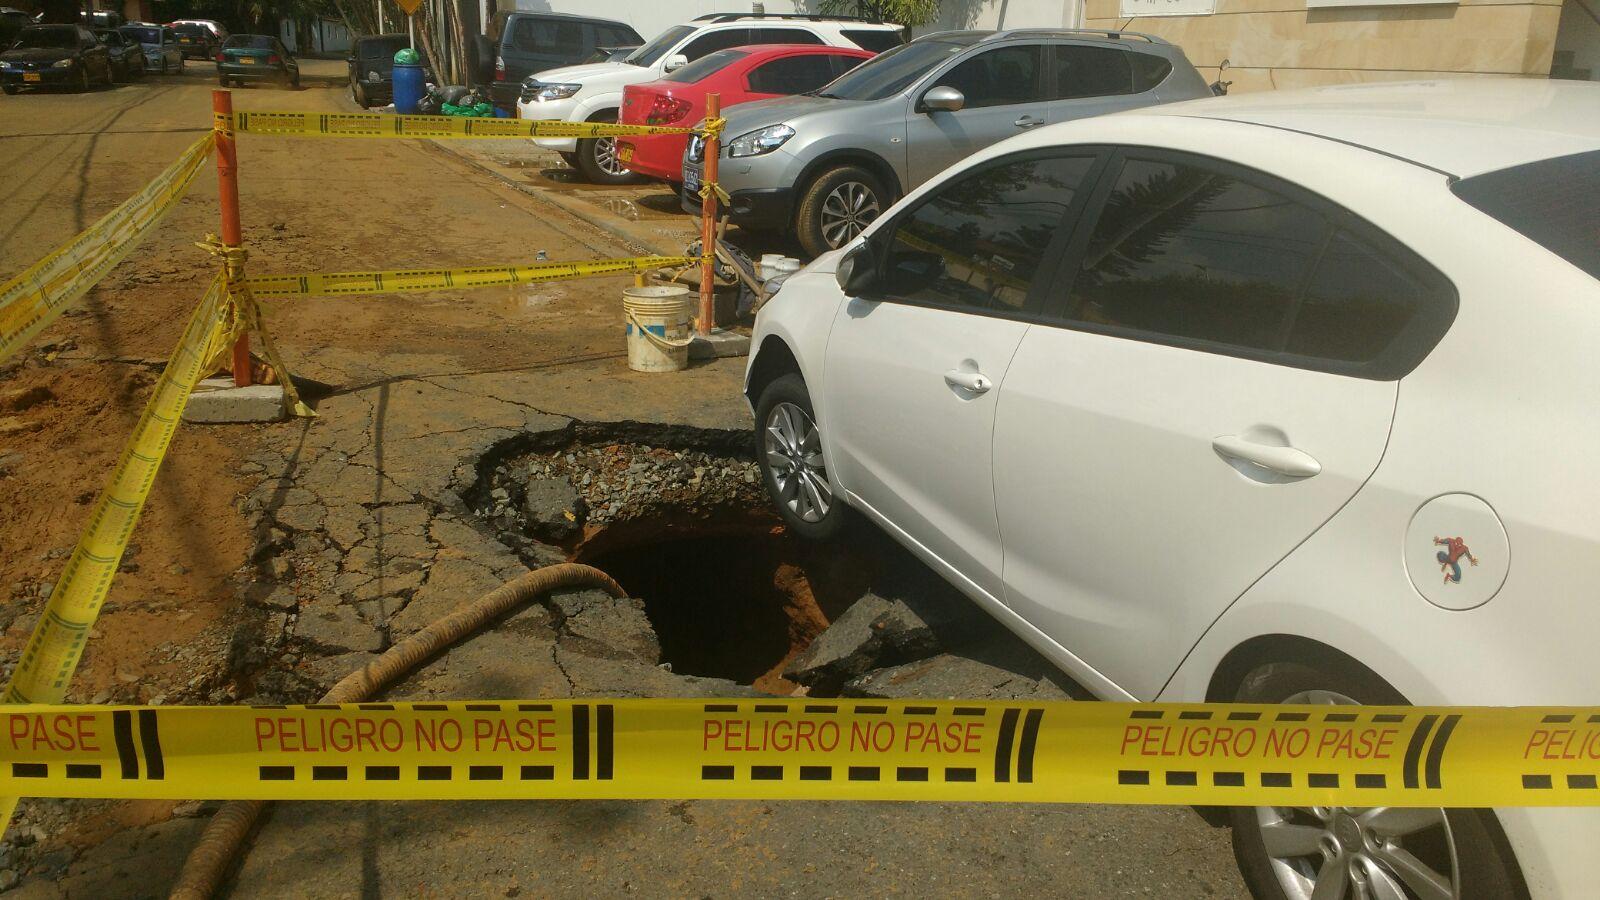 Dos accidentes se presentaron en la mañana de este miércoles en Cali